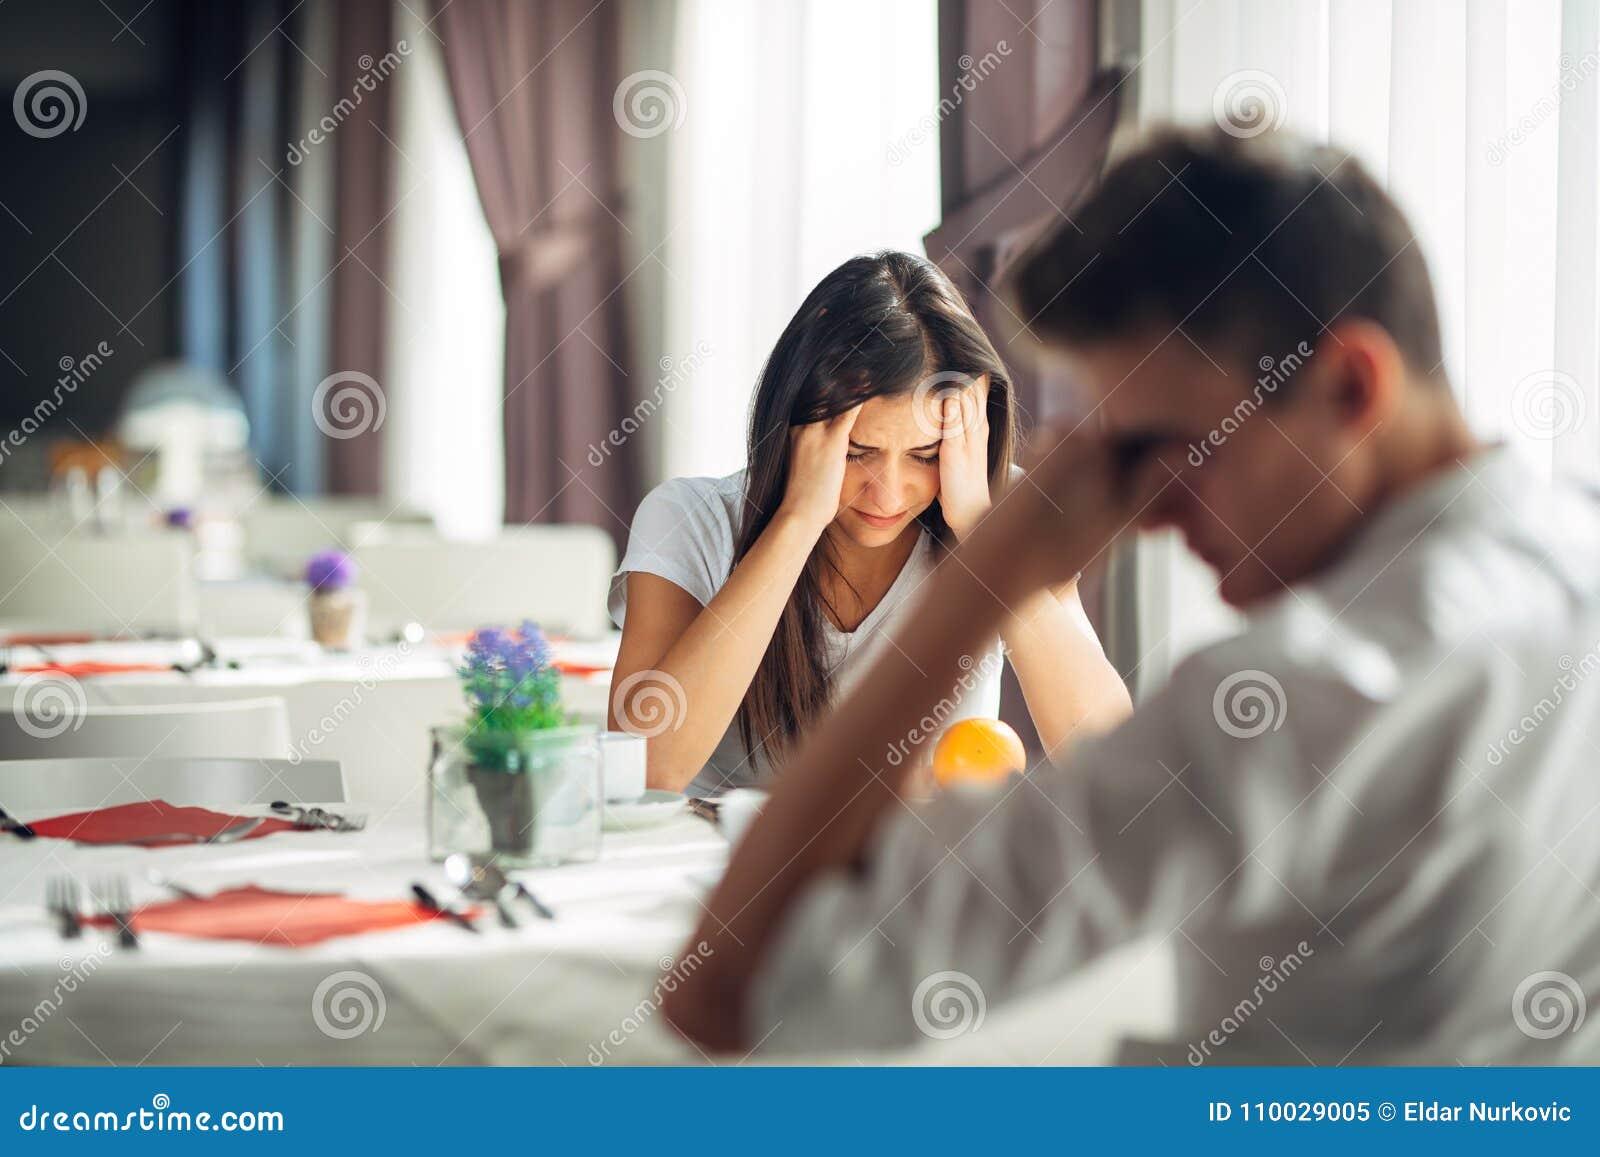 Отчаянный плакать женщины Эмоциональные проблемы Вопросы отношения Прекращающ, развод, имеющ вредный переговор исповедь